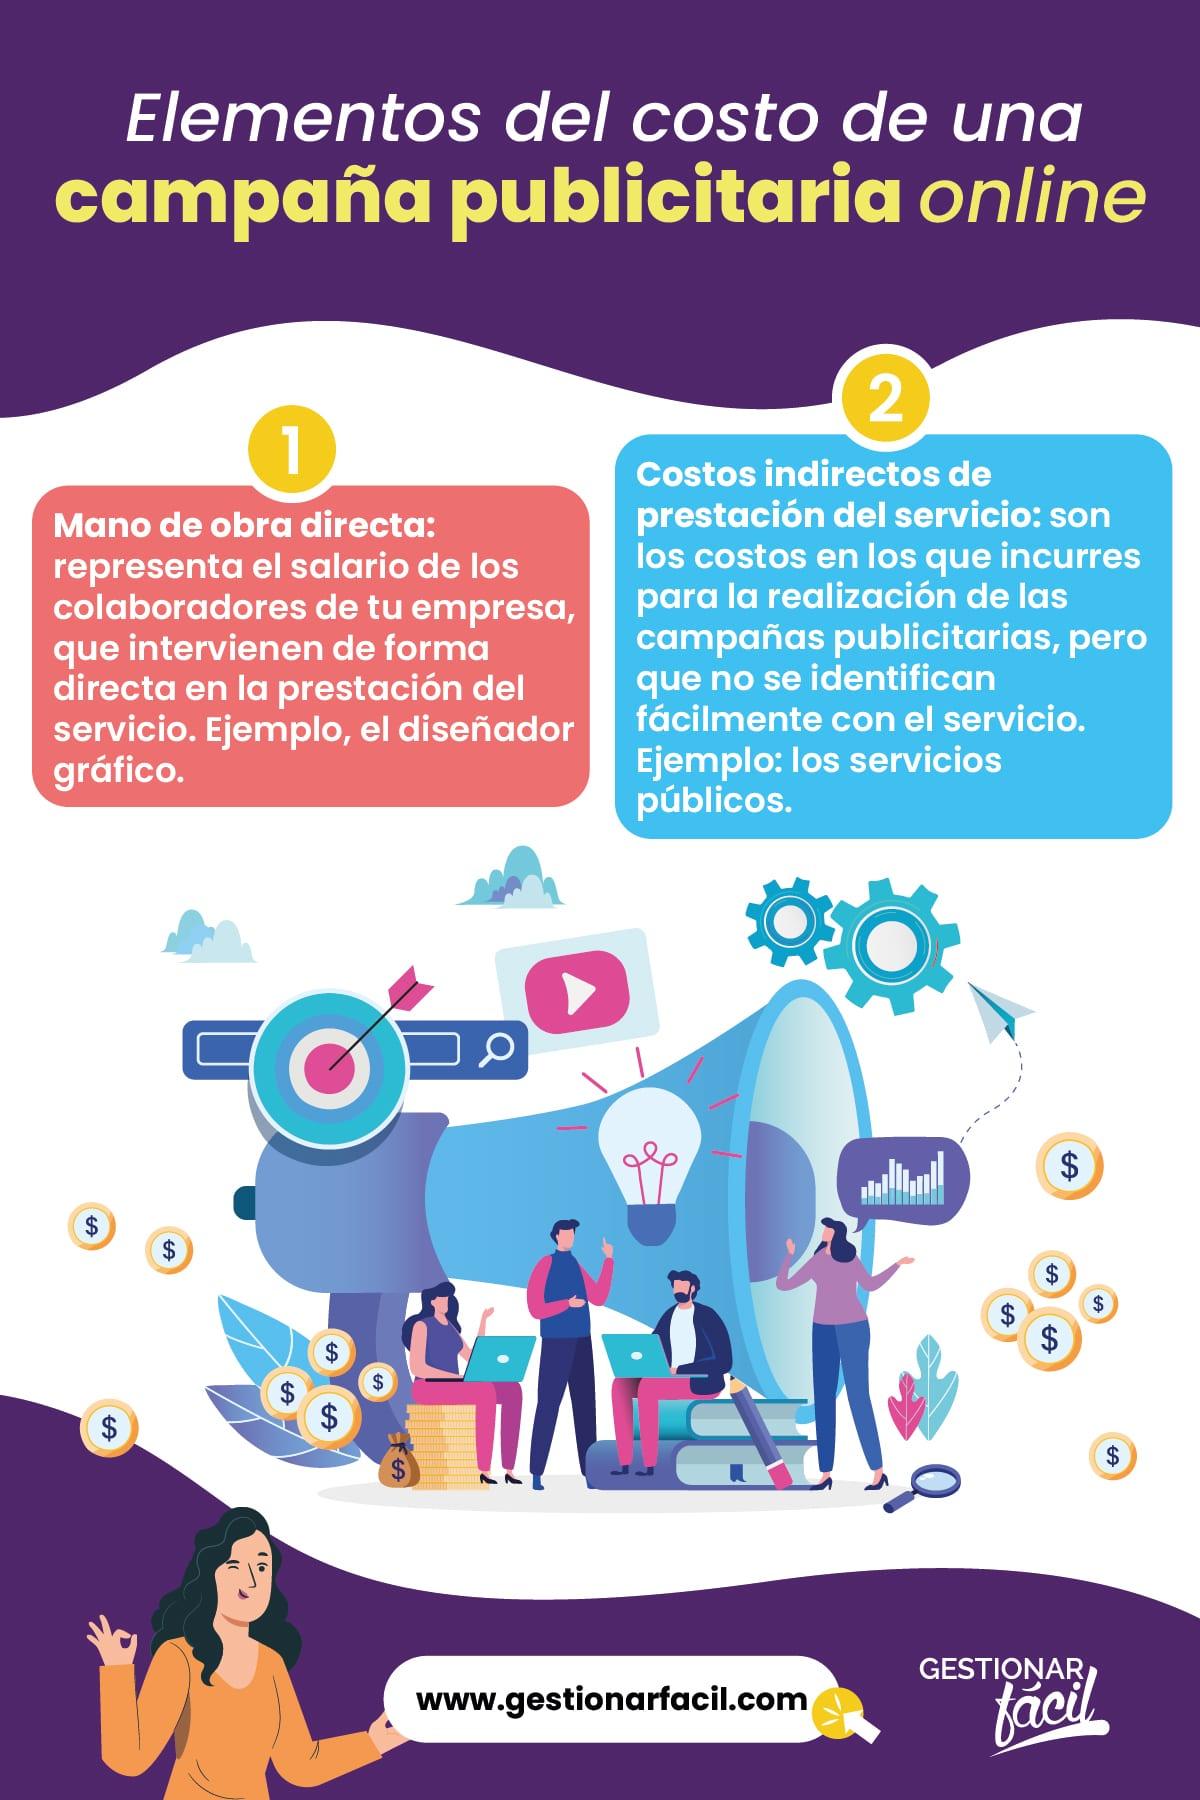 Elementos del costo de una campaña publicitaria online.